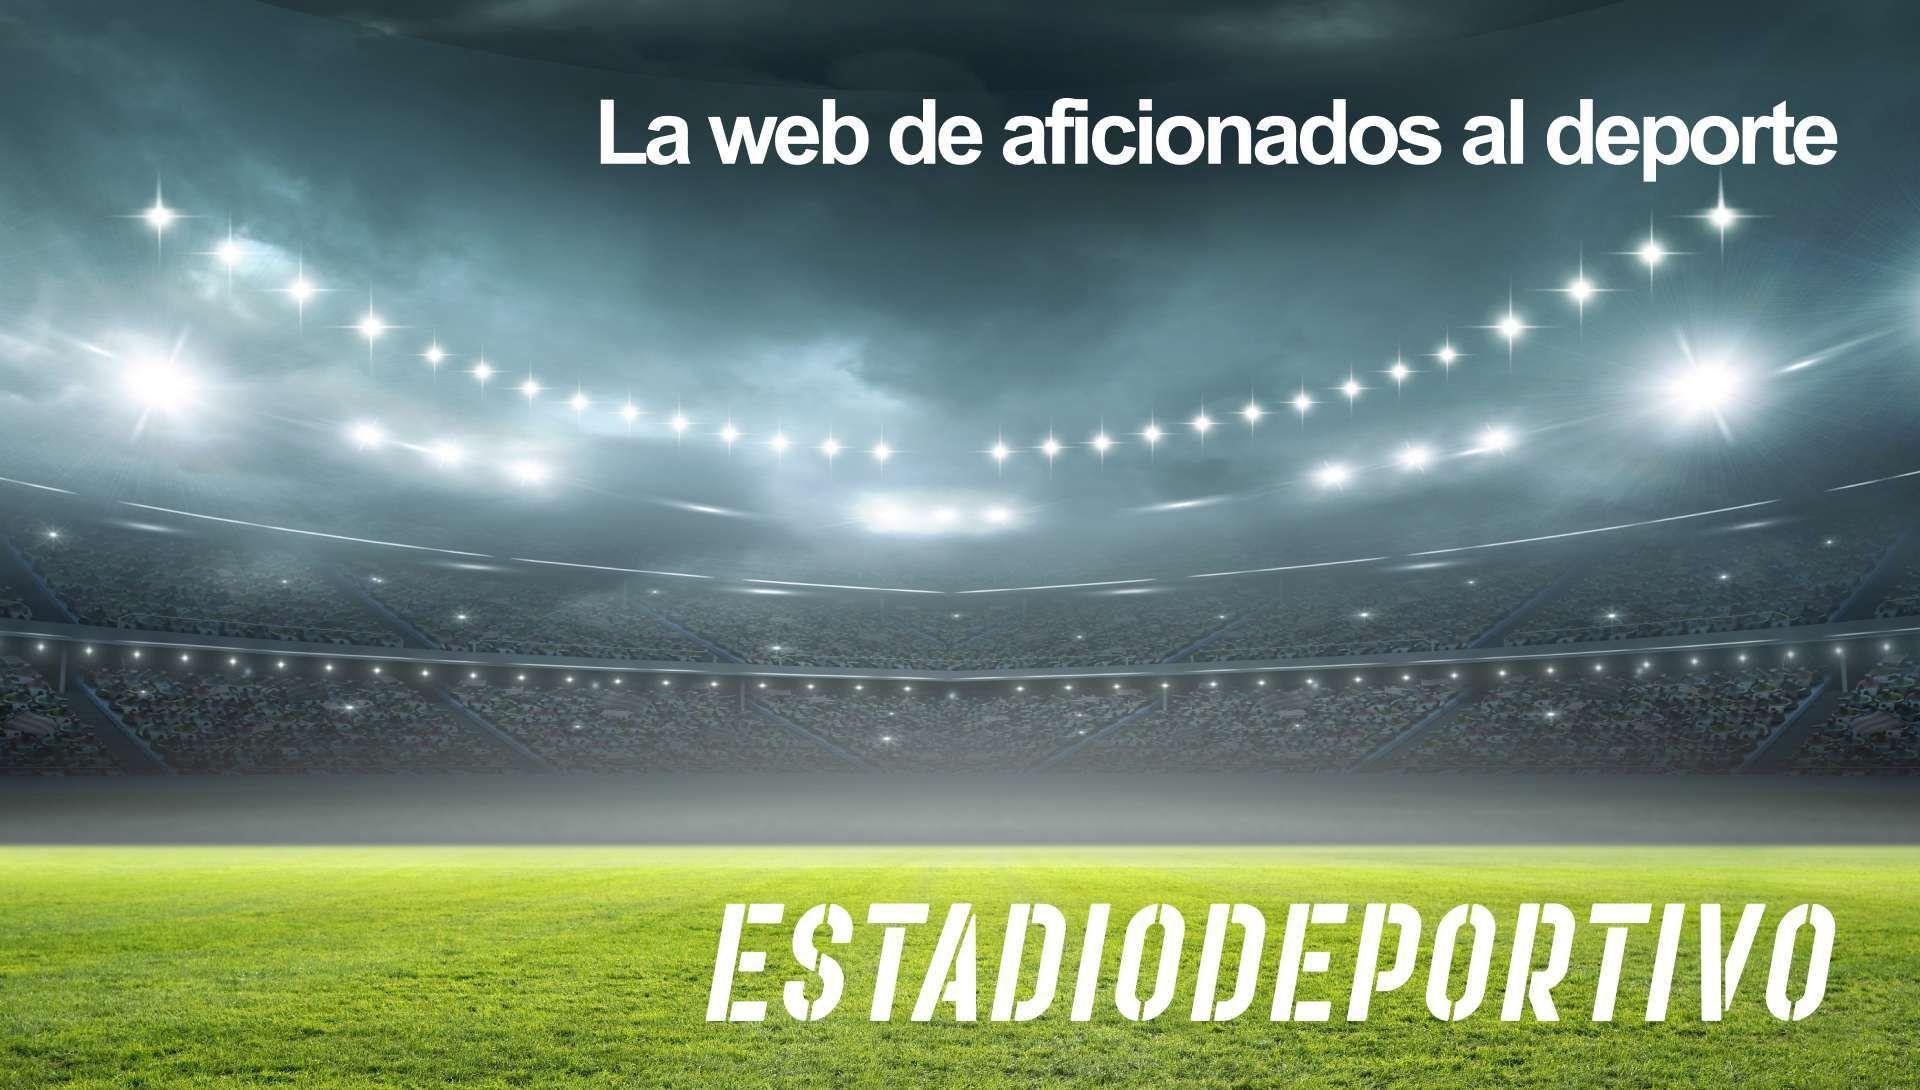 Las portadas deportivas del lunes 4 de octubre